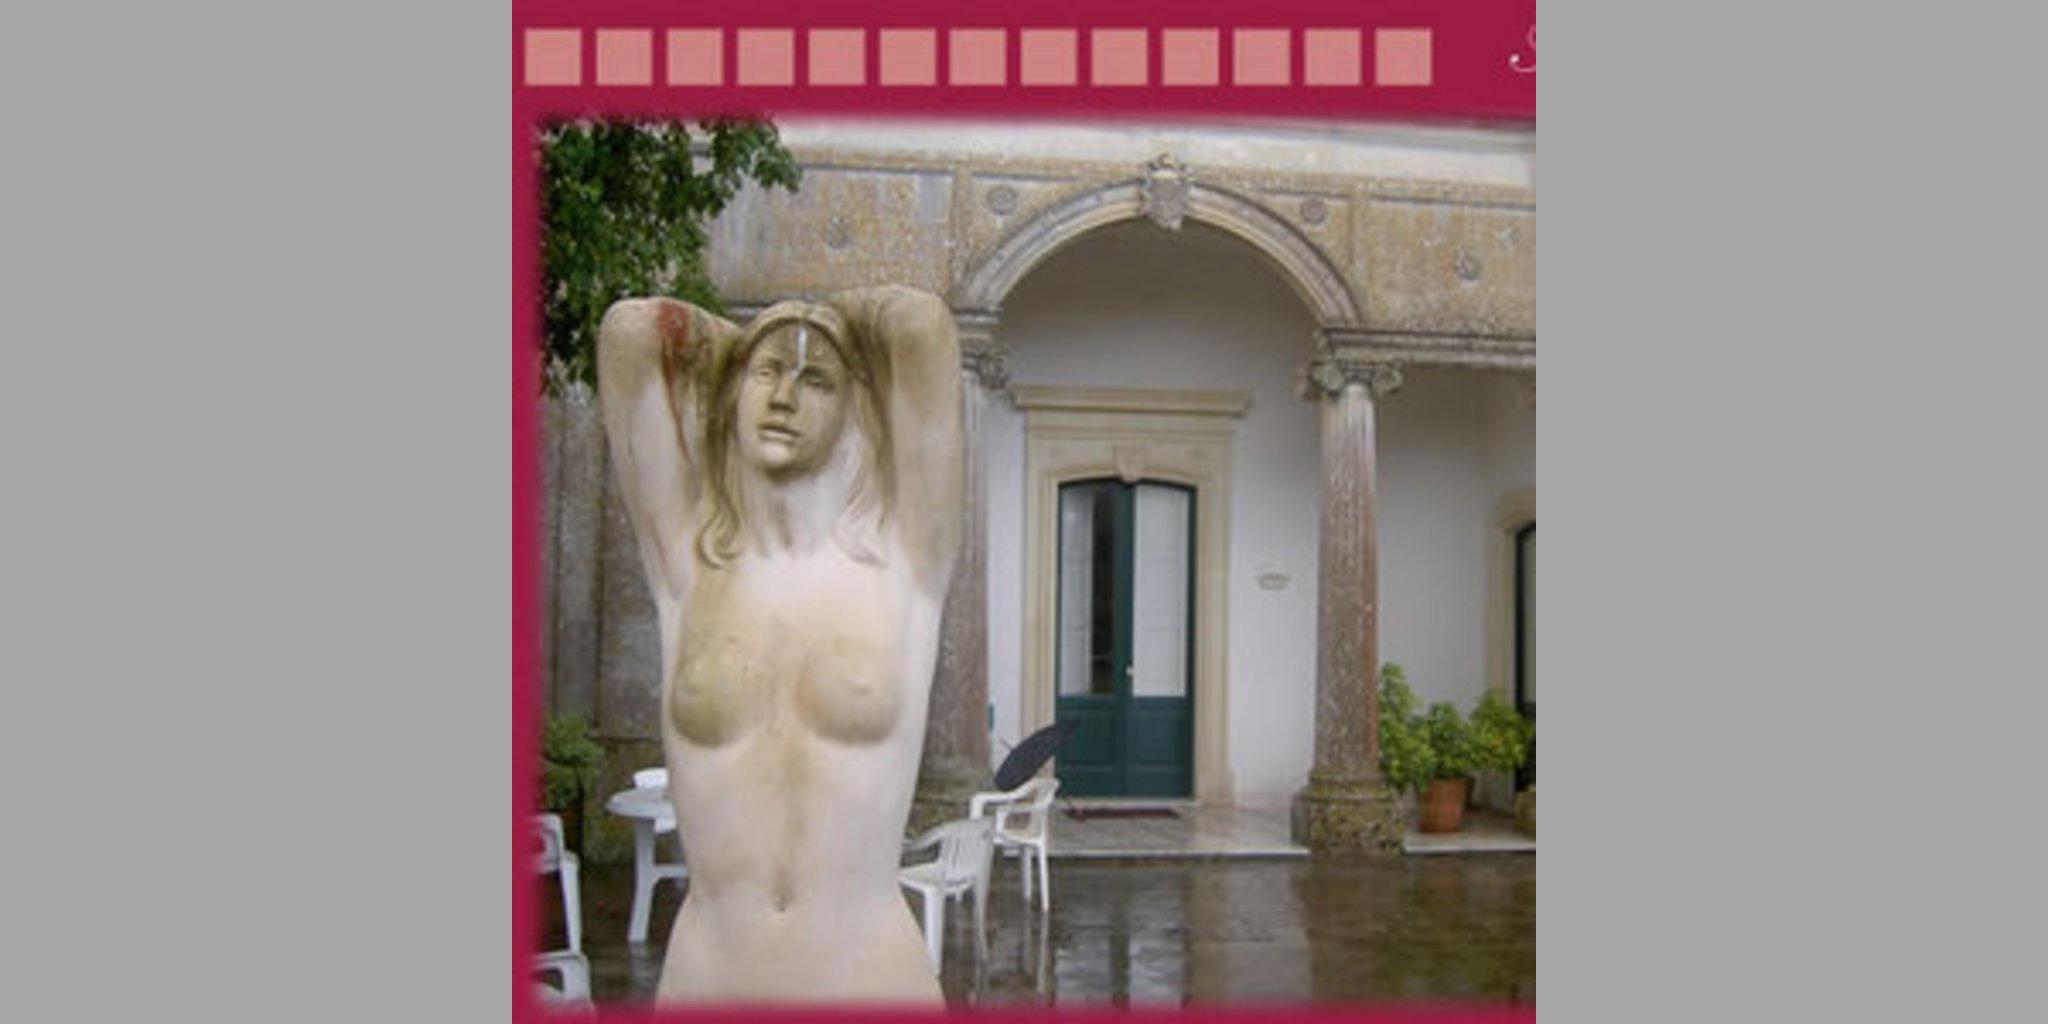 Bed & Breakfast Corigliano D'Otranto - Corigliano